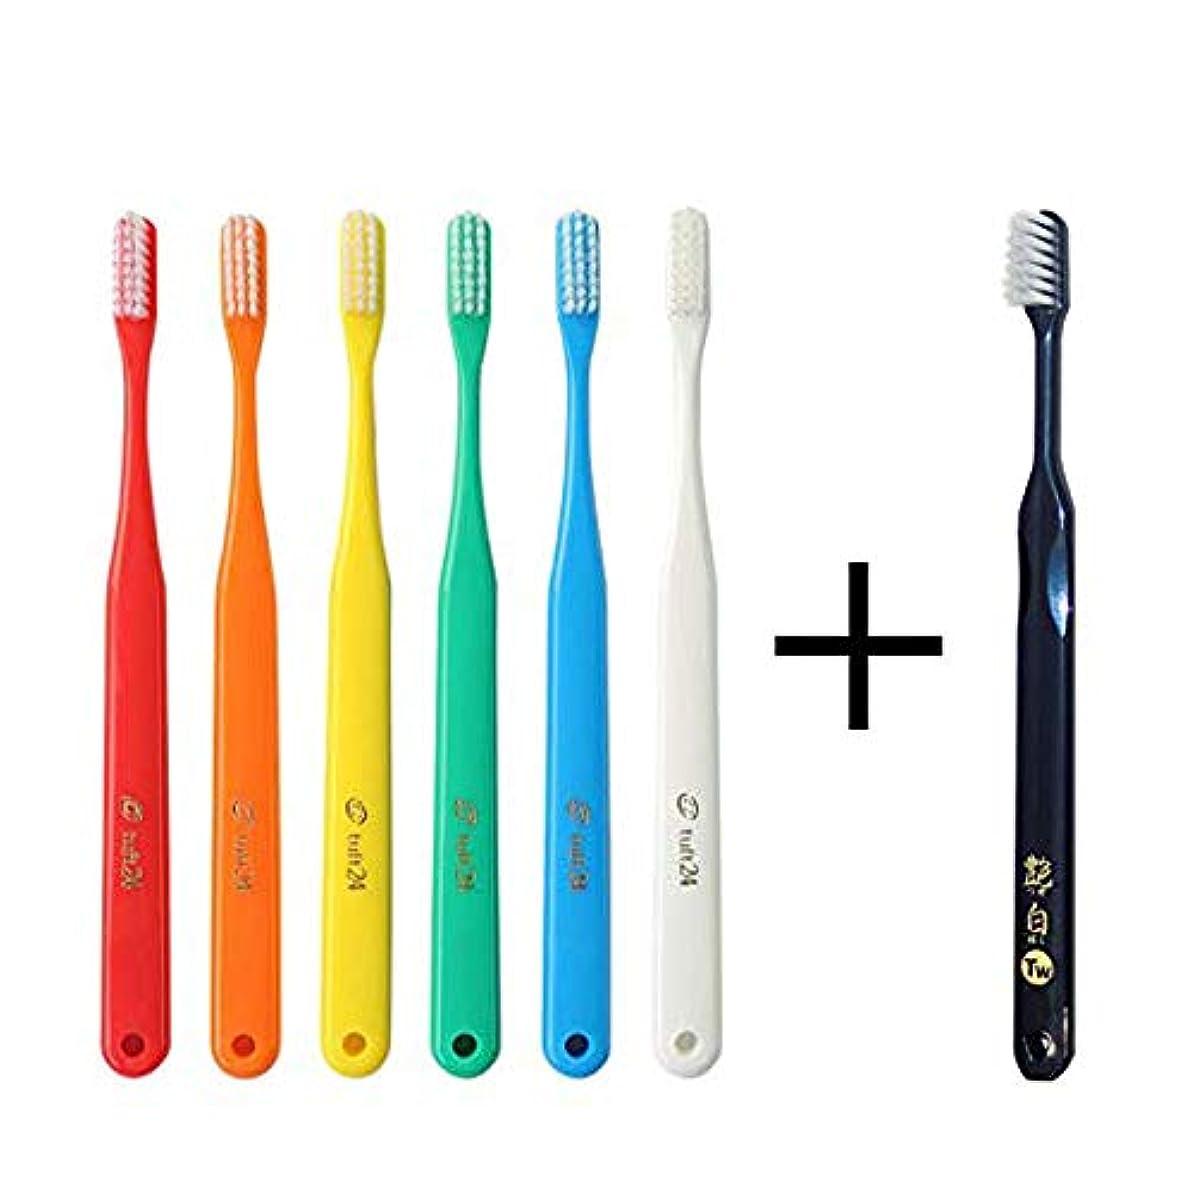 ドーム顔料ペレットタフト24 歯ブラシ× 10本 (M) キャップなし + 艶白ツイン 歯ブラシ (M ふつう) ×1本 むし歯予防 歯科専売